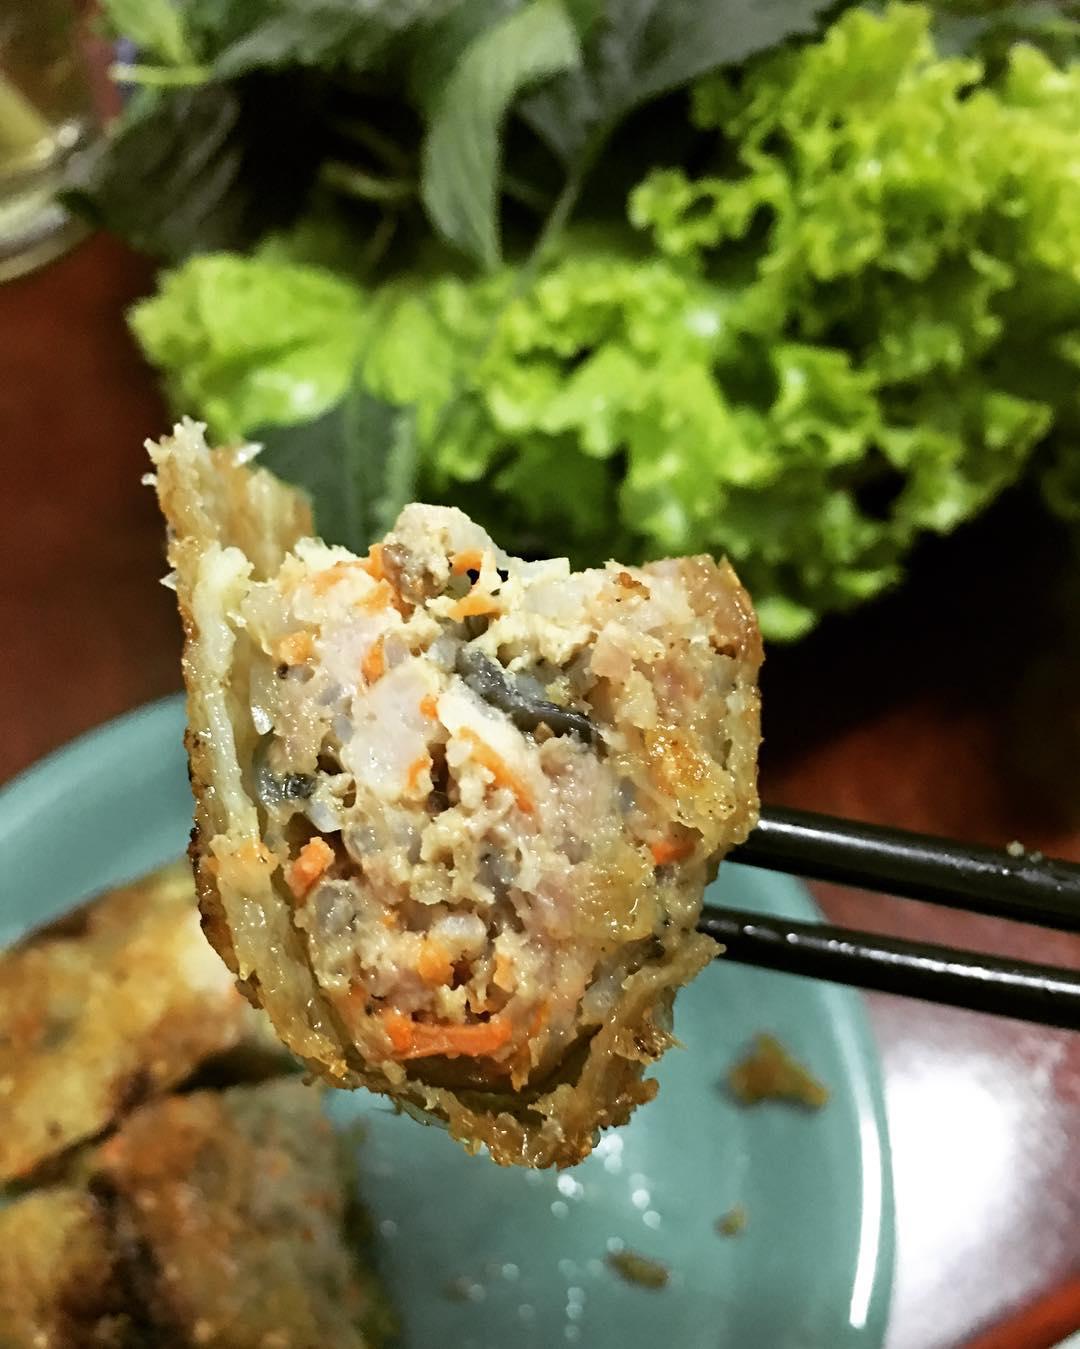 Haiphong_top-mon-an-vat-noi-tieng-o-hai-phong-10